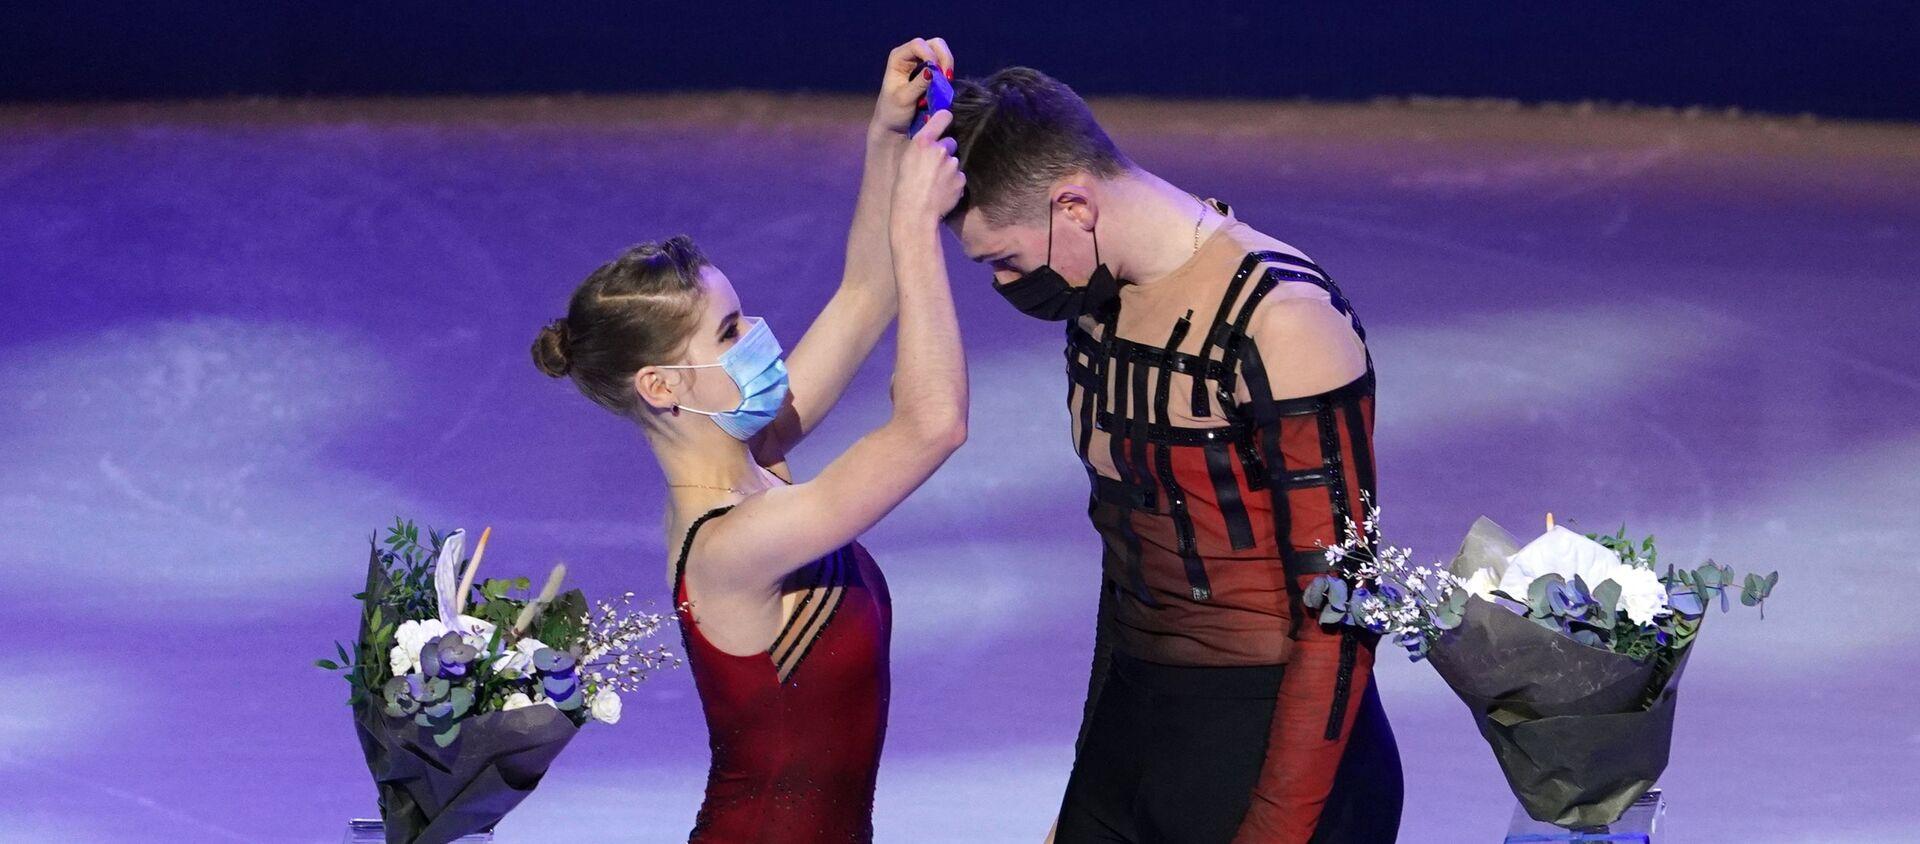 Анастасја Мишина и Александар Галјамов, светски шампиони у уметничком клизању - Sputnik Србија, 1920, 26.03.2021